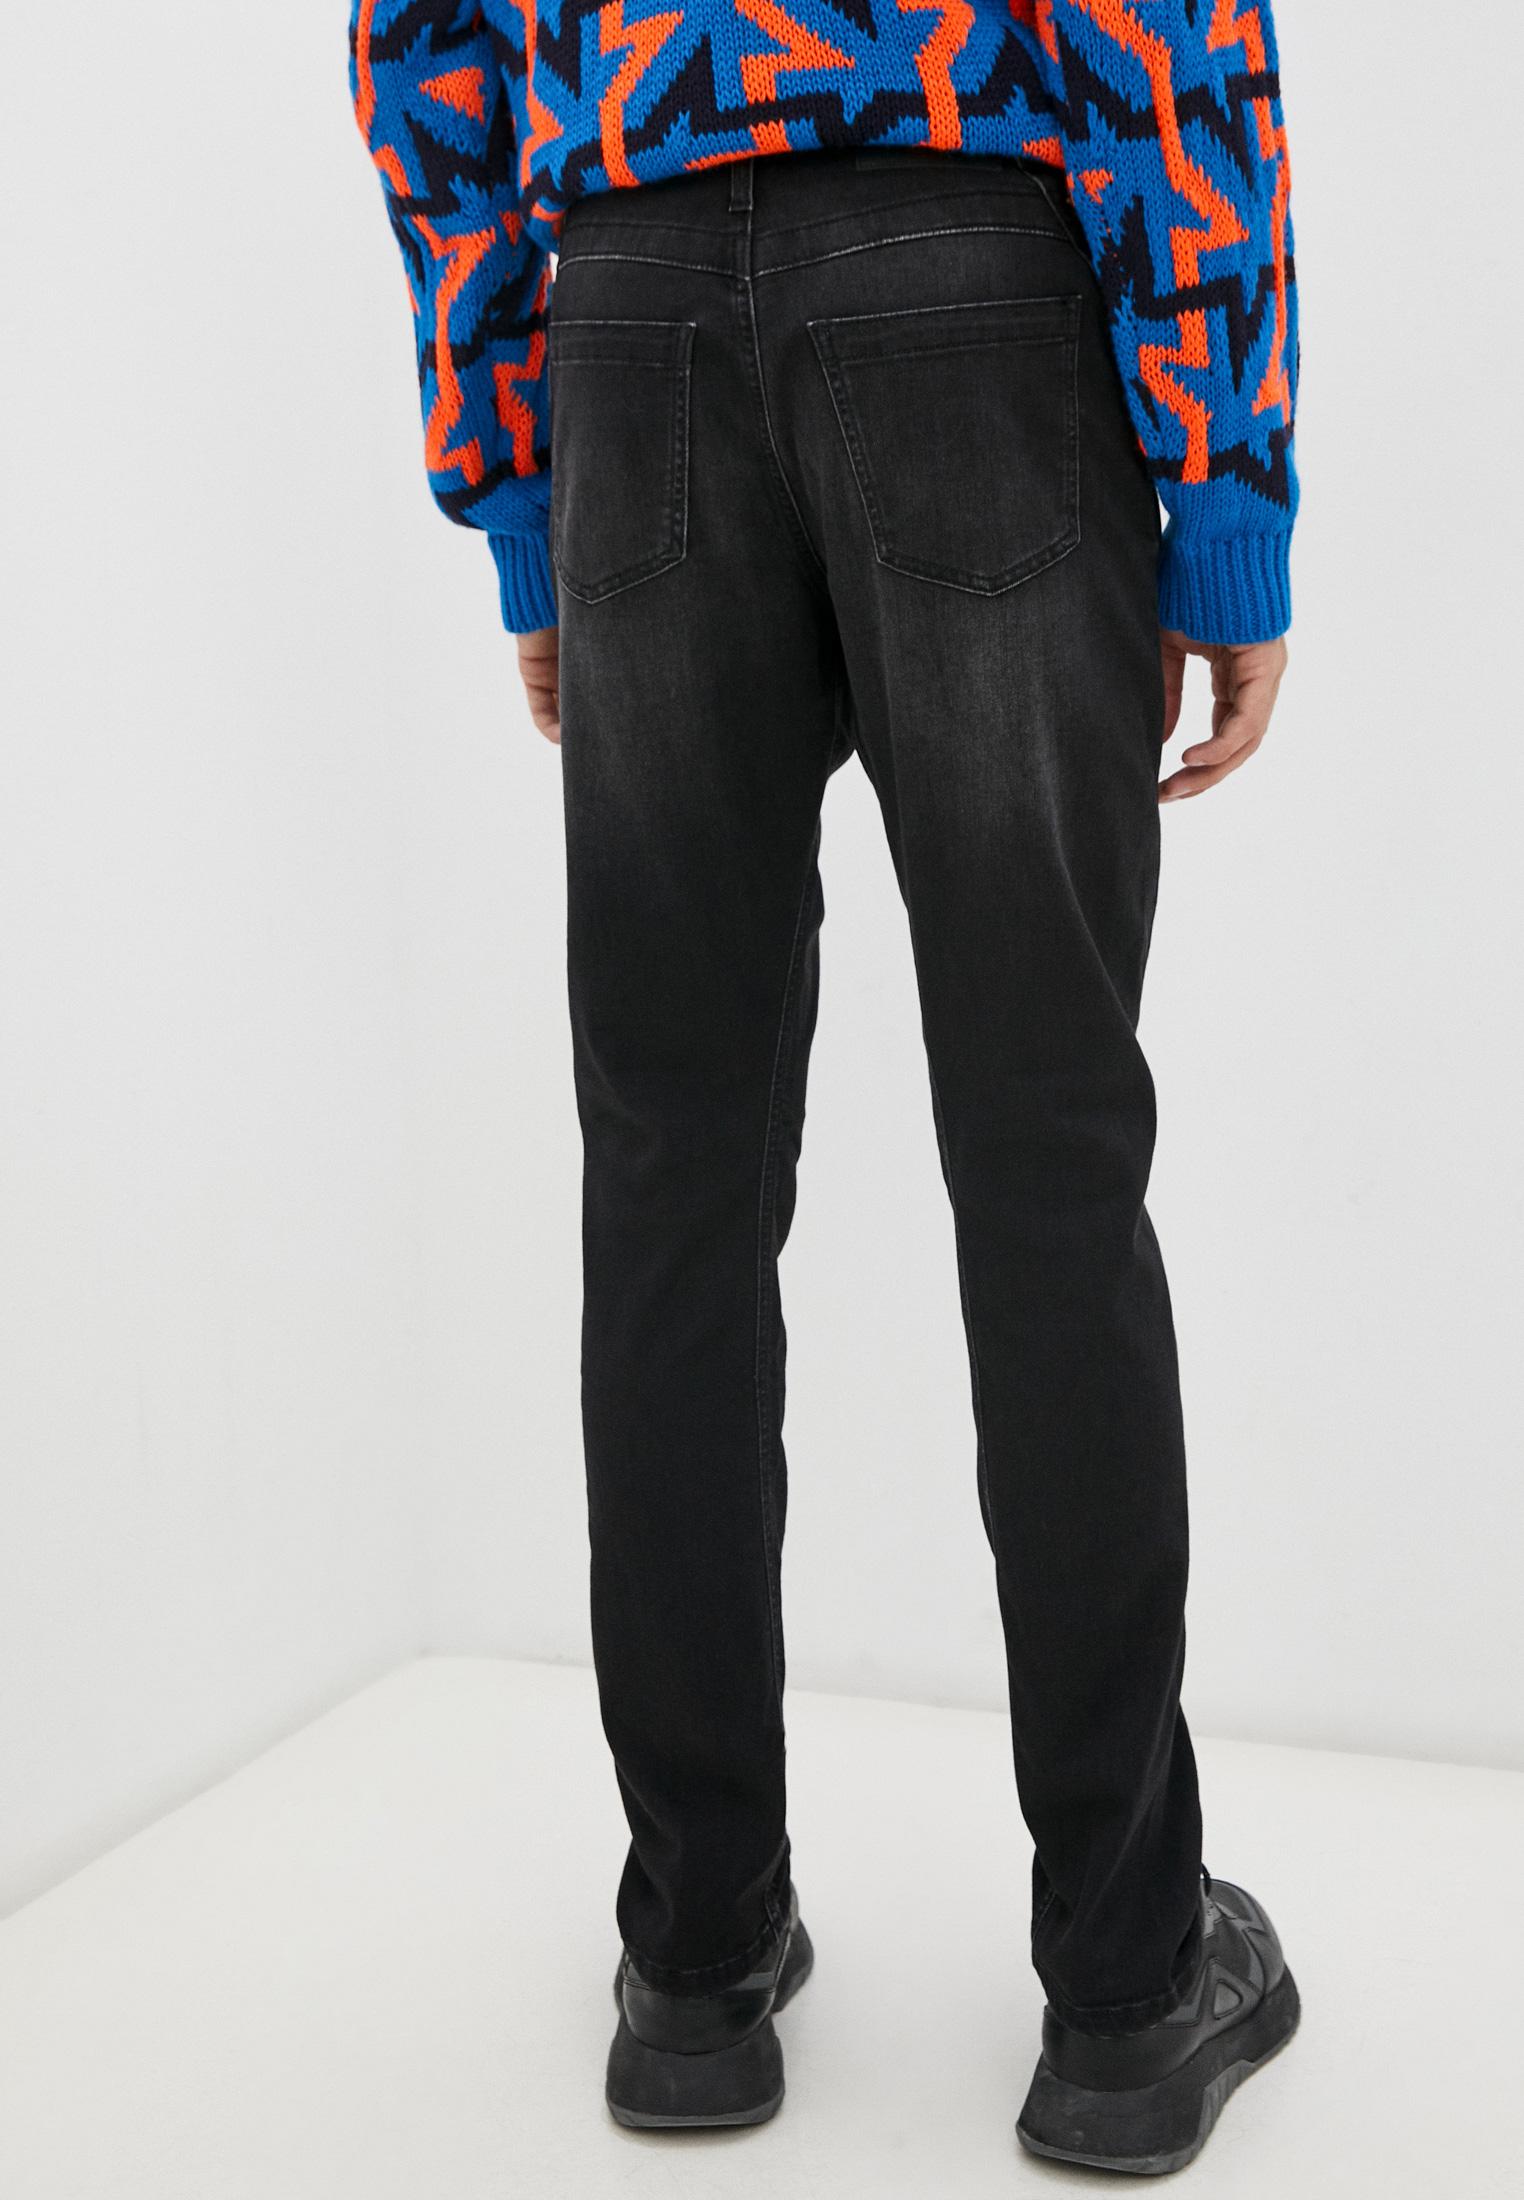 Мужские зауженные джинсы Bikkembergs (Биккембергс) C Q 015 86 S 2927: изображение 4